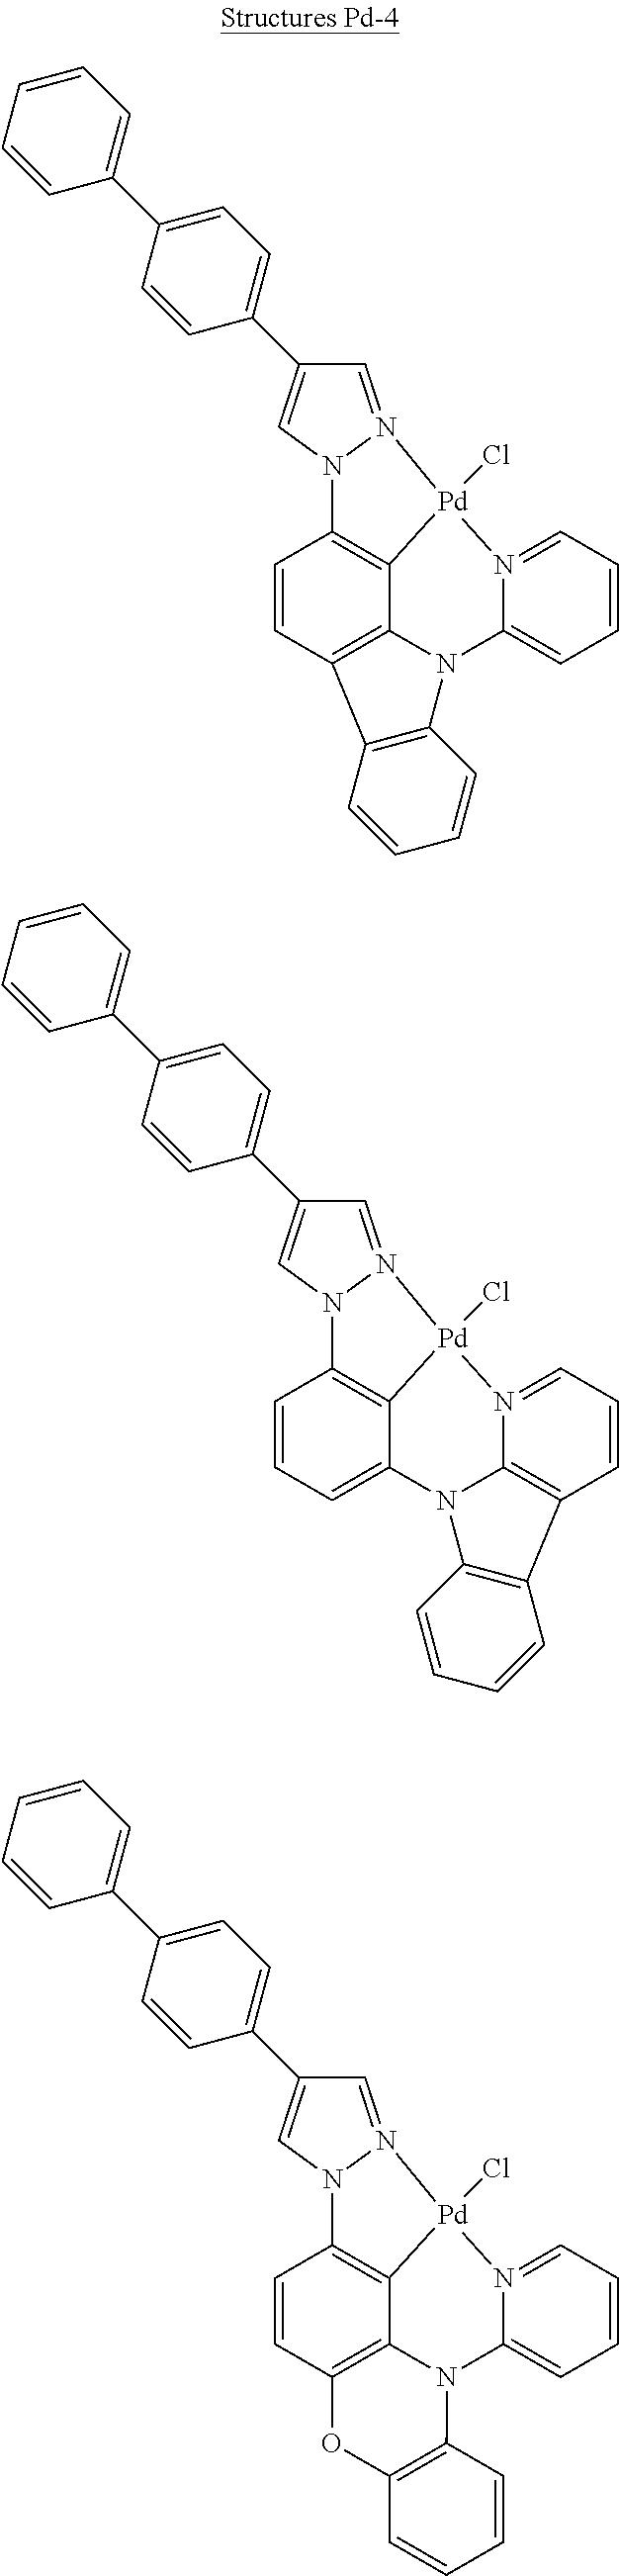 Figure US09818959-20171114-C00189